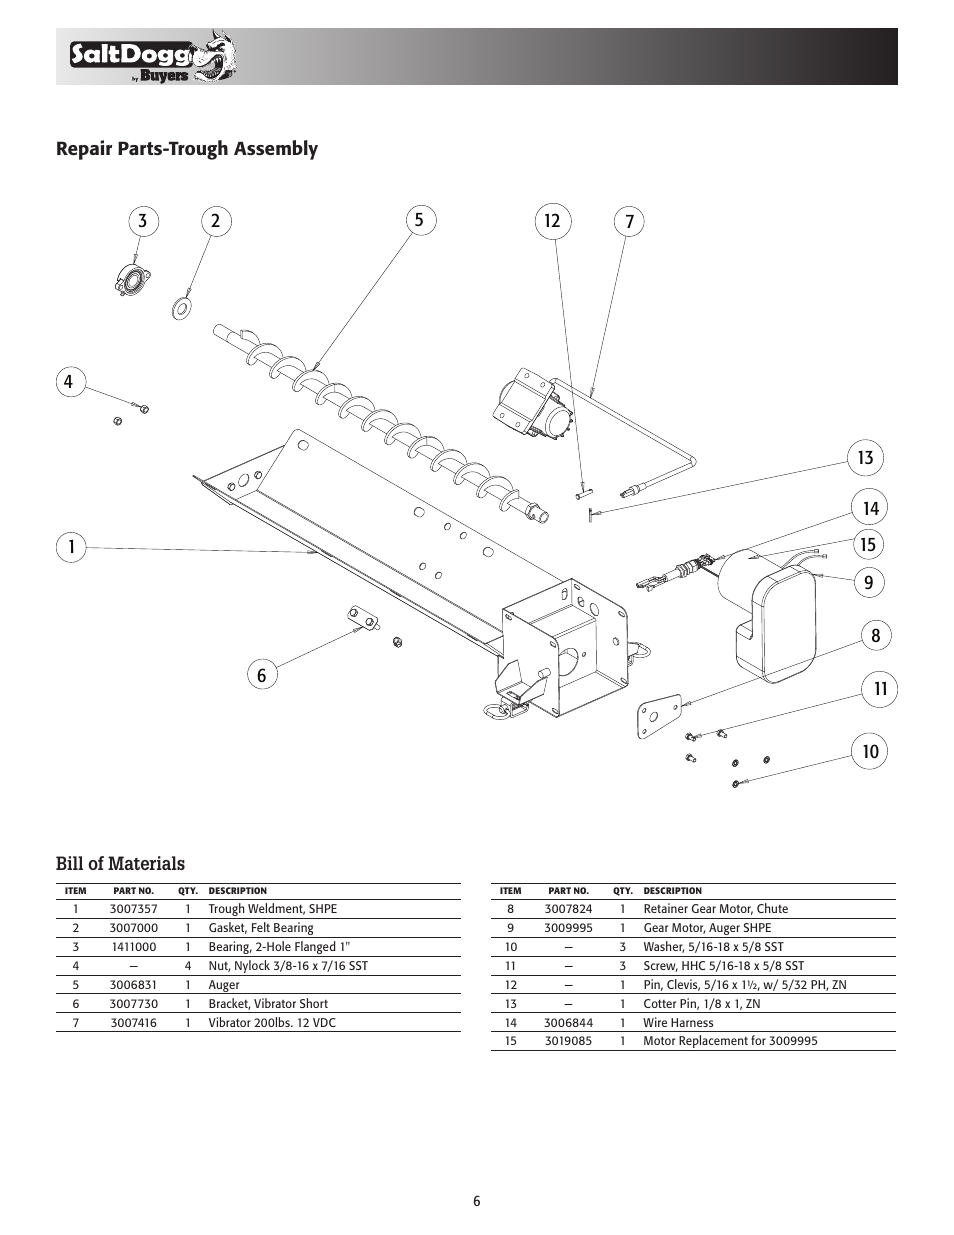 Saltdogg Wiring Schematic - Wiring Diagram Source on